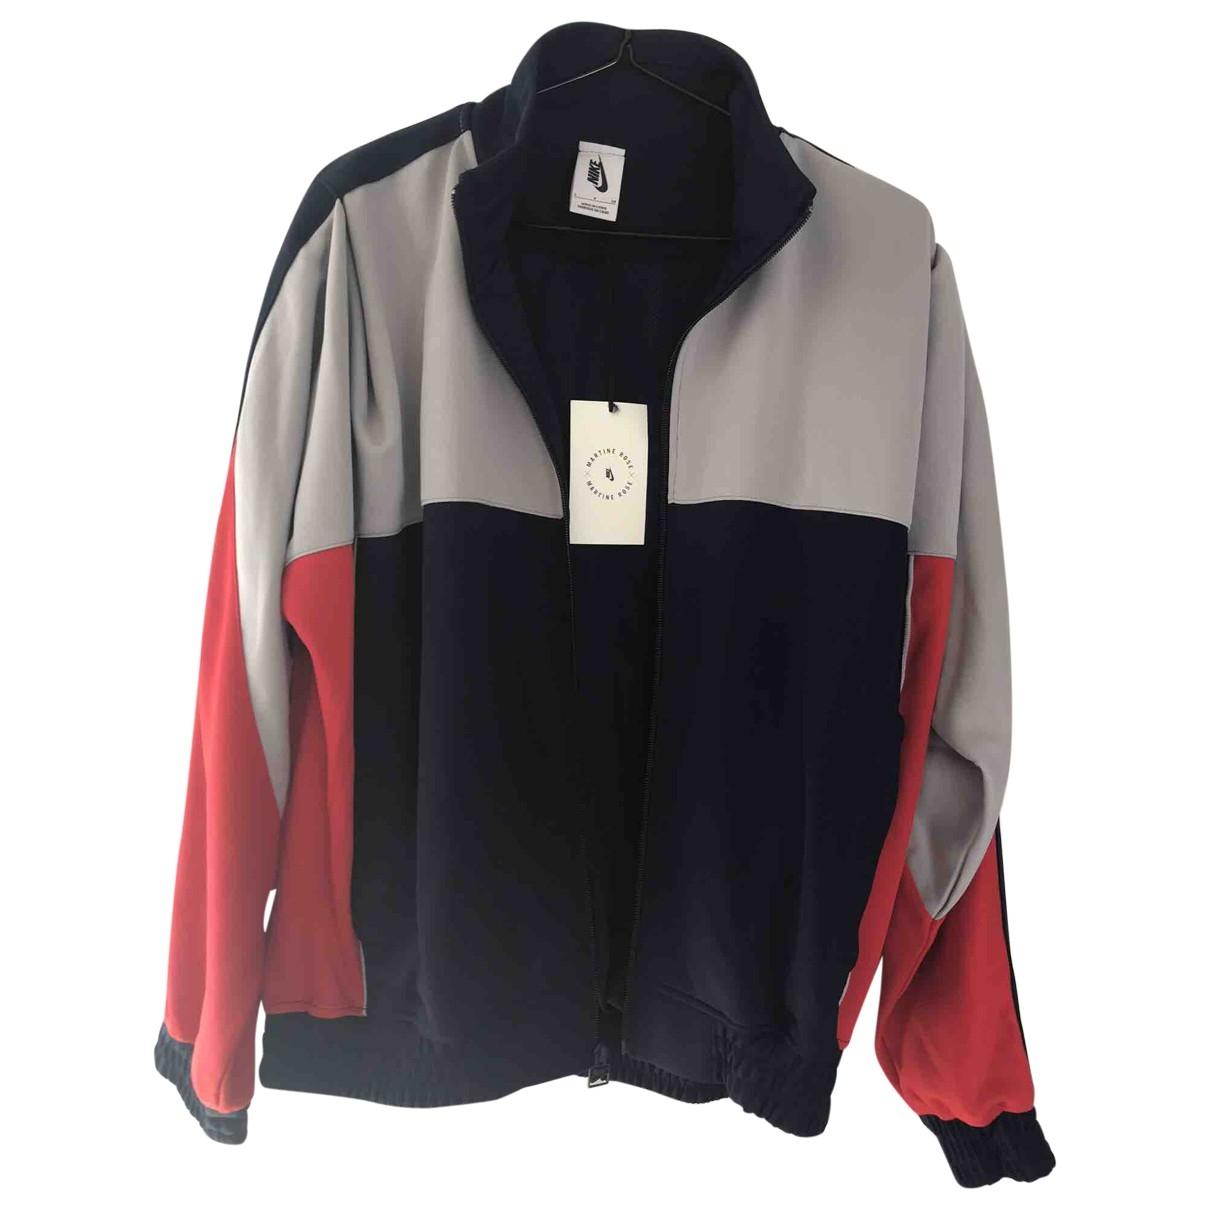 Nike X Martine Rose - Vestes.Blousons   pour homme - multicolore